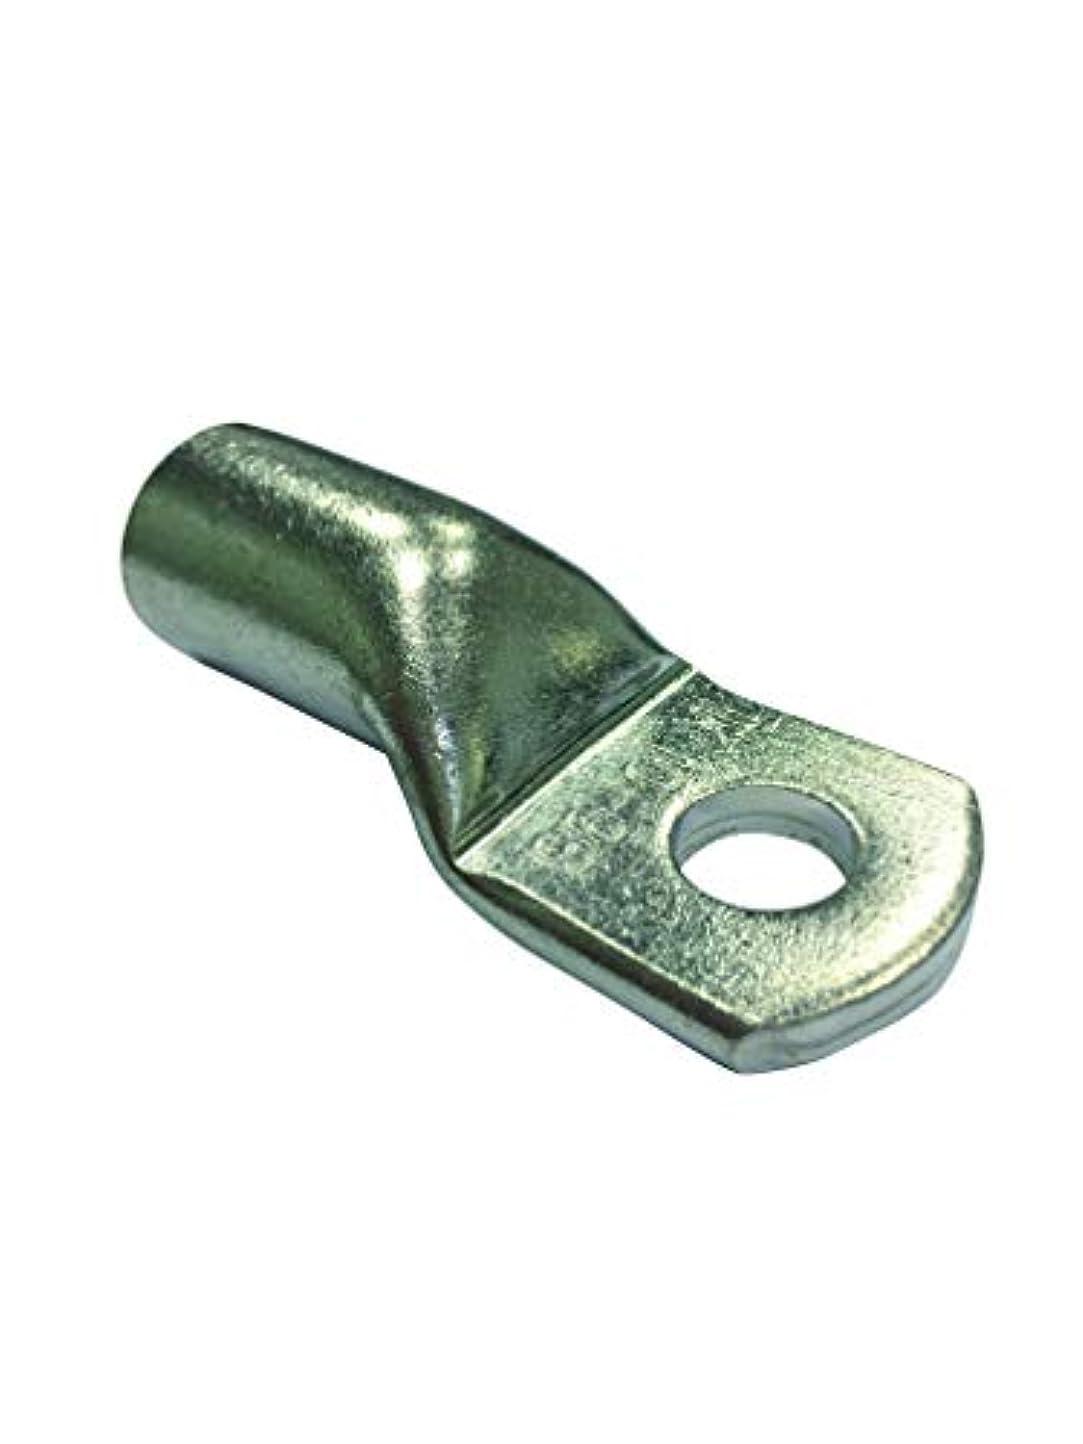 ジェム破壊的葉っぱIGLORY SCLシリーズ製品 ケーブルラグ ワイヤーサイズ 3/0 AWG (95mm) 3/8スタッドサイズ (0.413インチ) (50個パック)